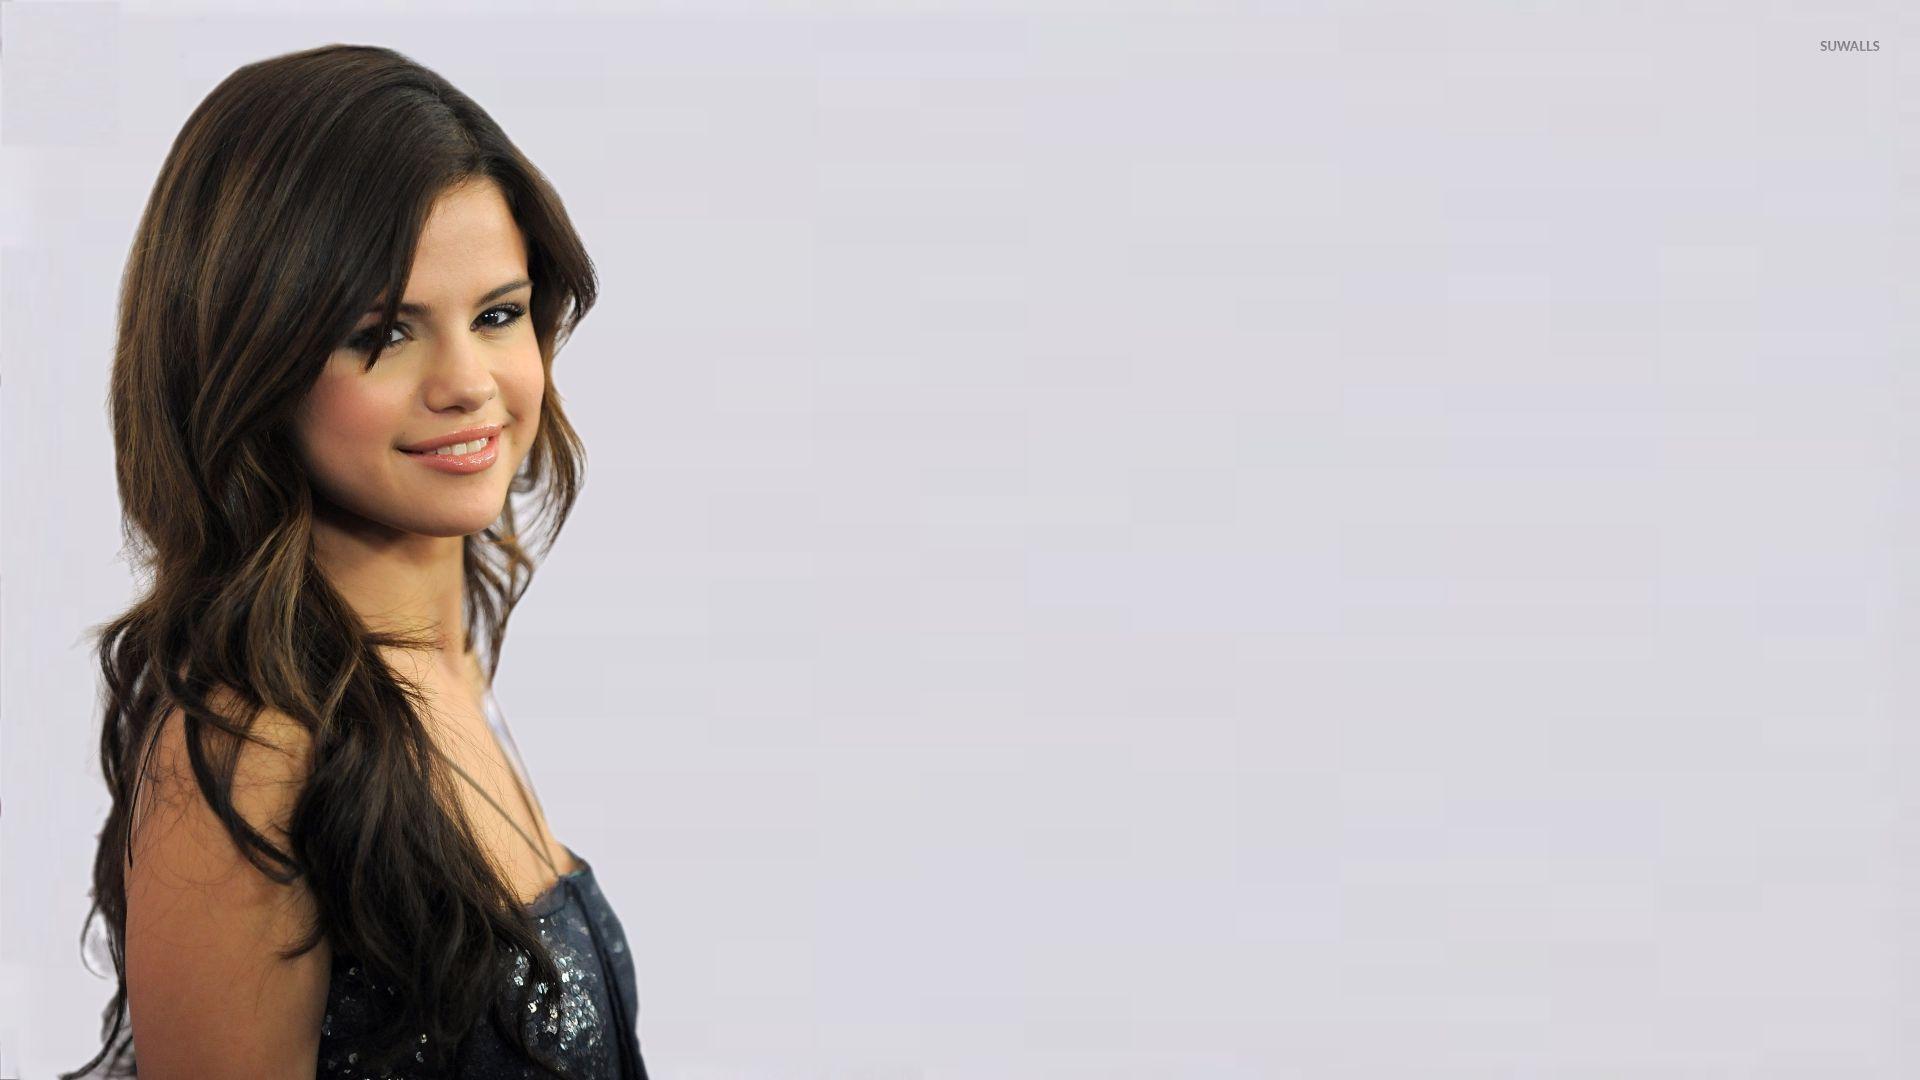 Selena gomez36 naked (45 images)